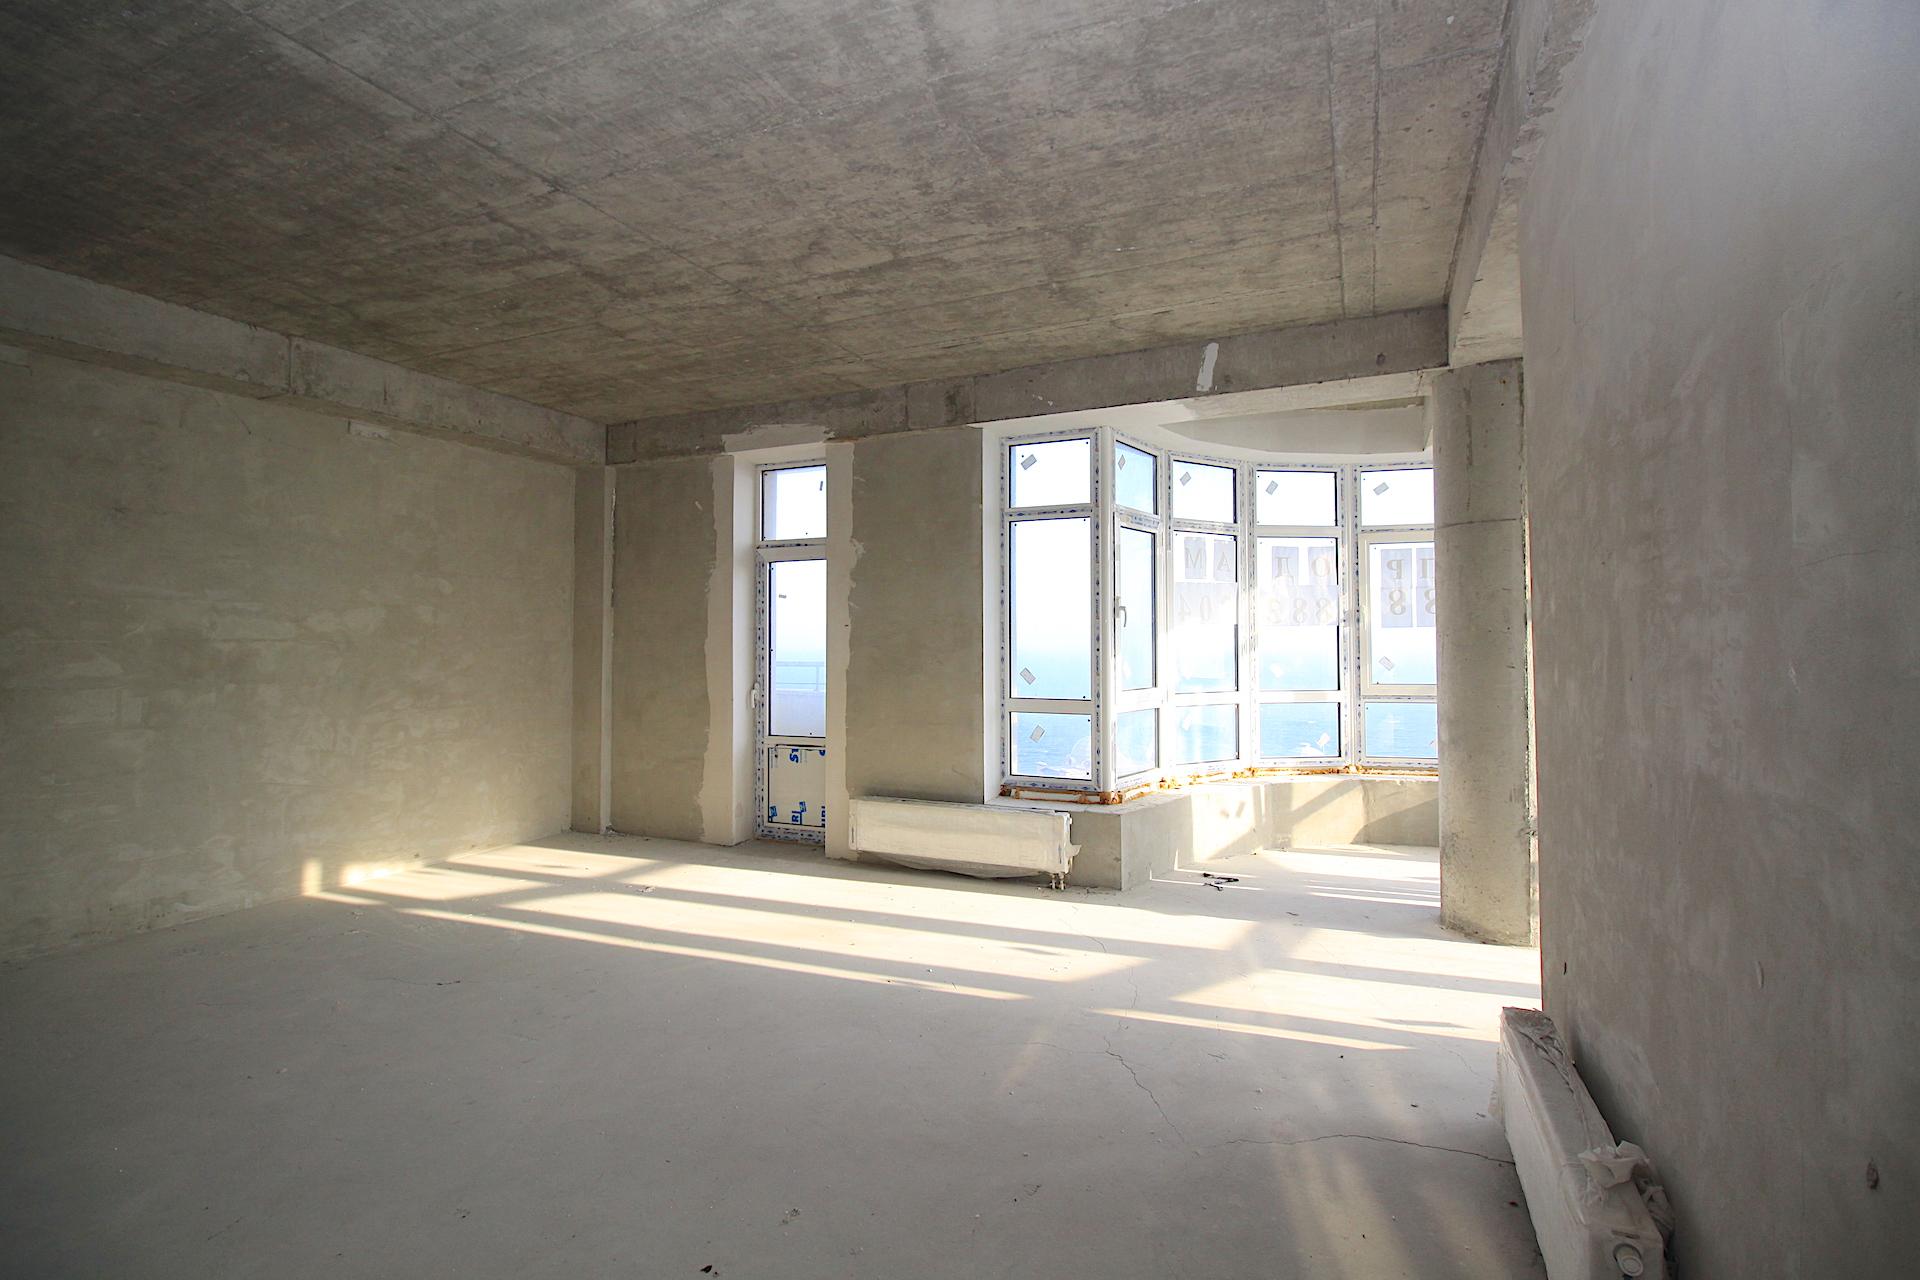 Квартира у Ливадийского Дворца 13